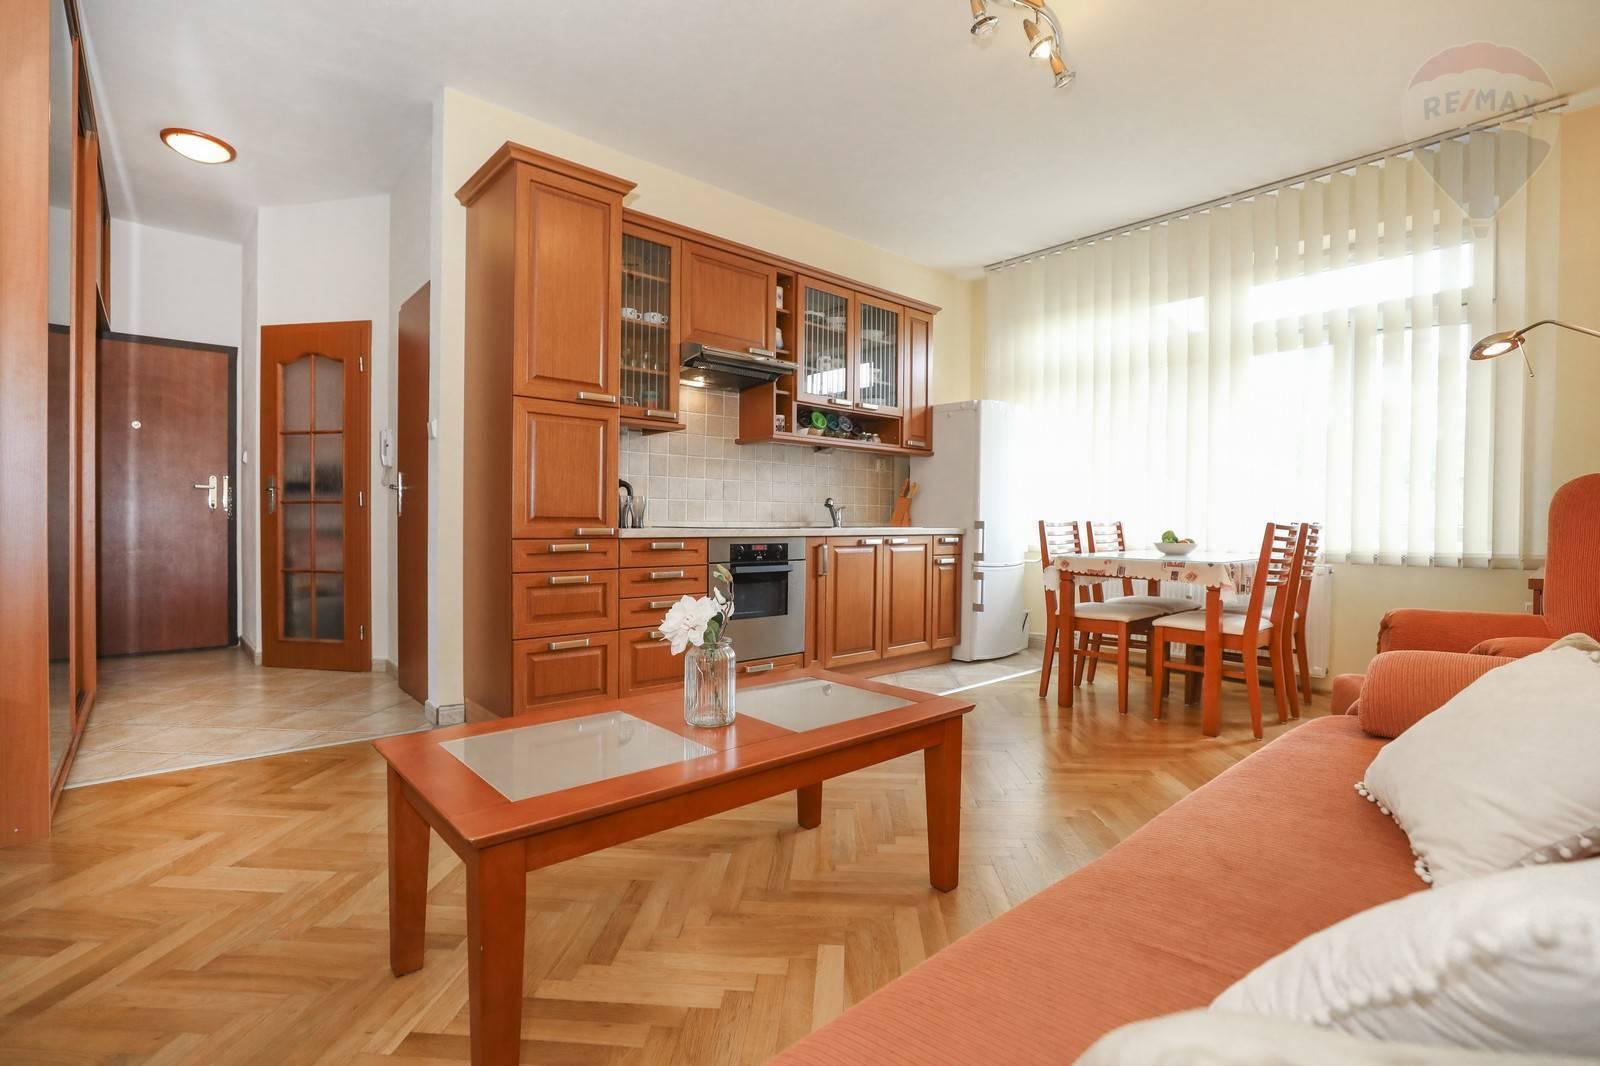 Predaj bytu ( 1,5 izbový ) 35m2, Bratislava - Staré Mesto